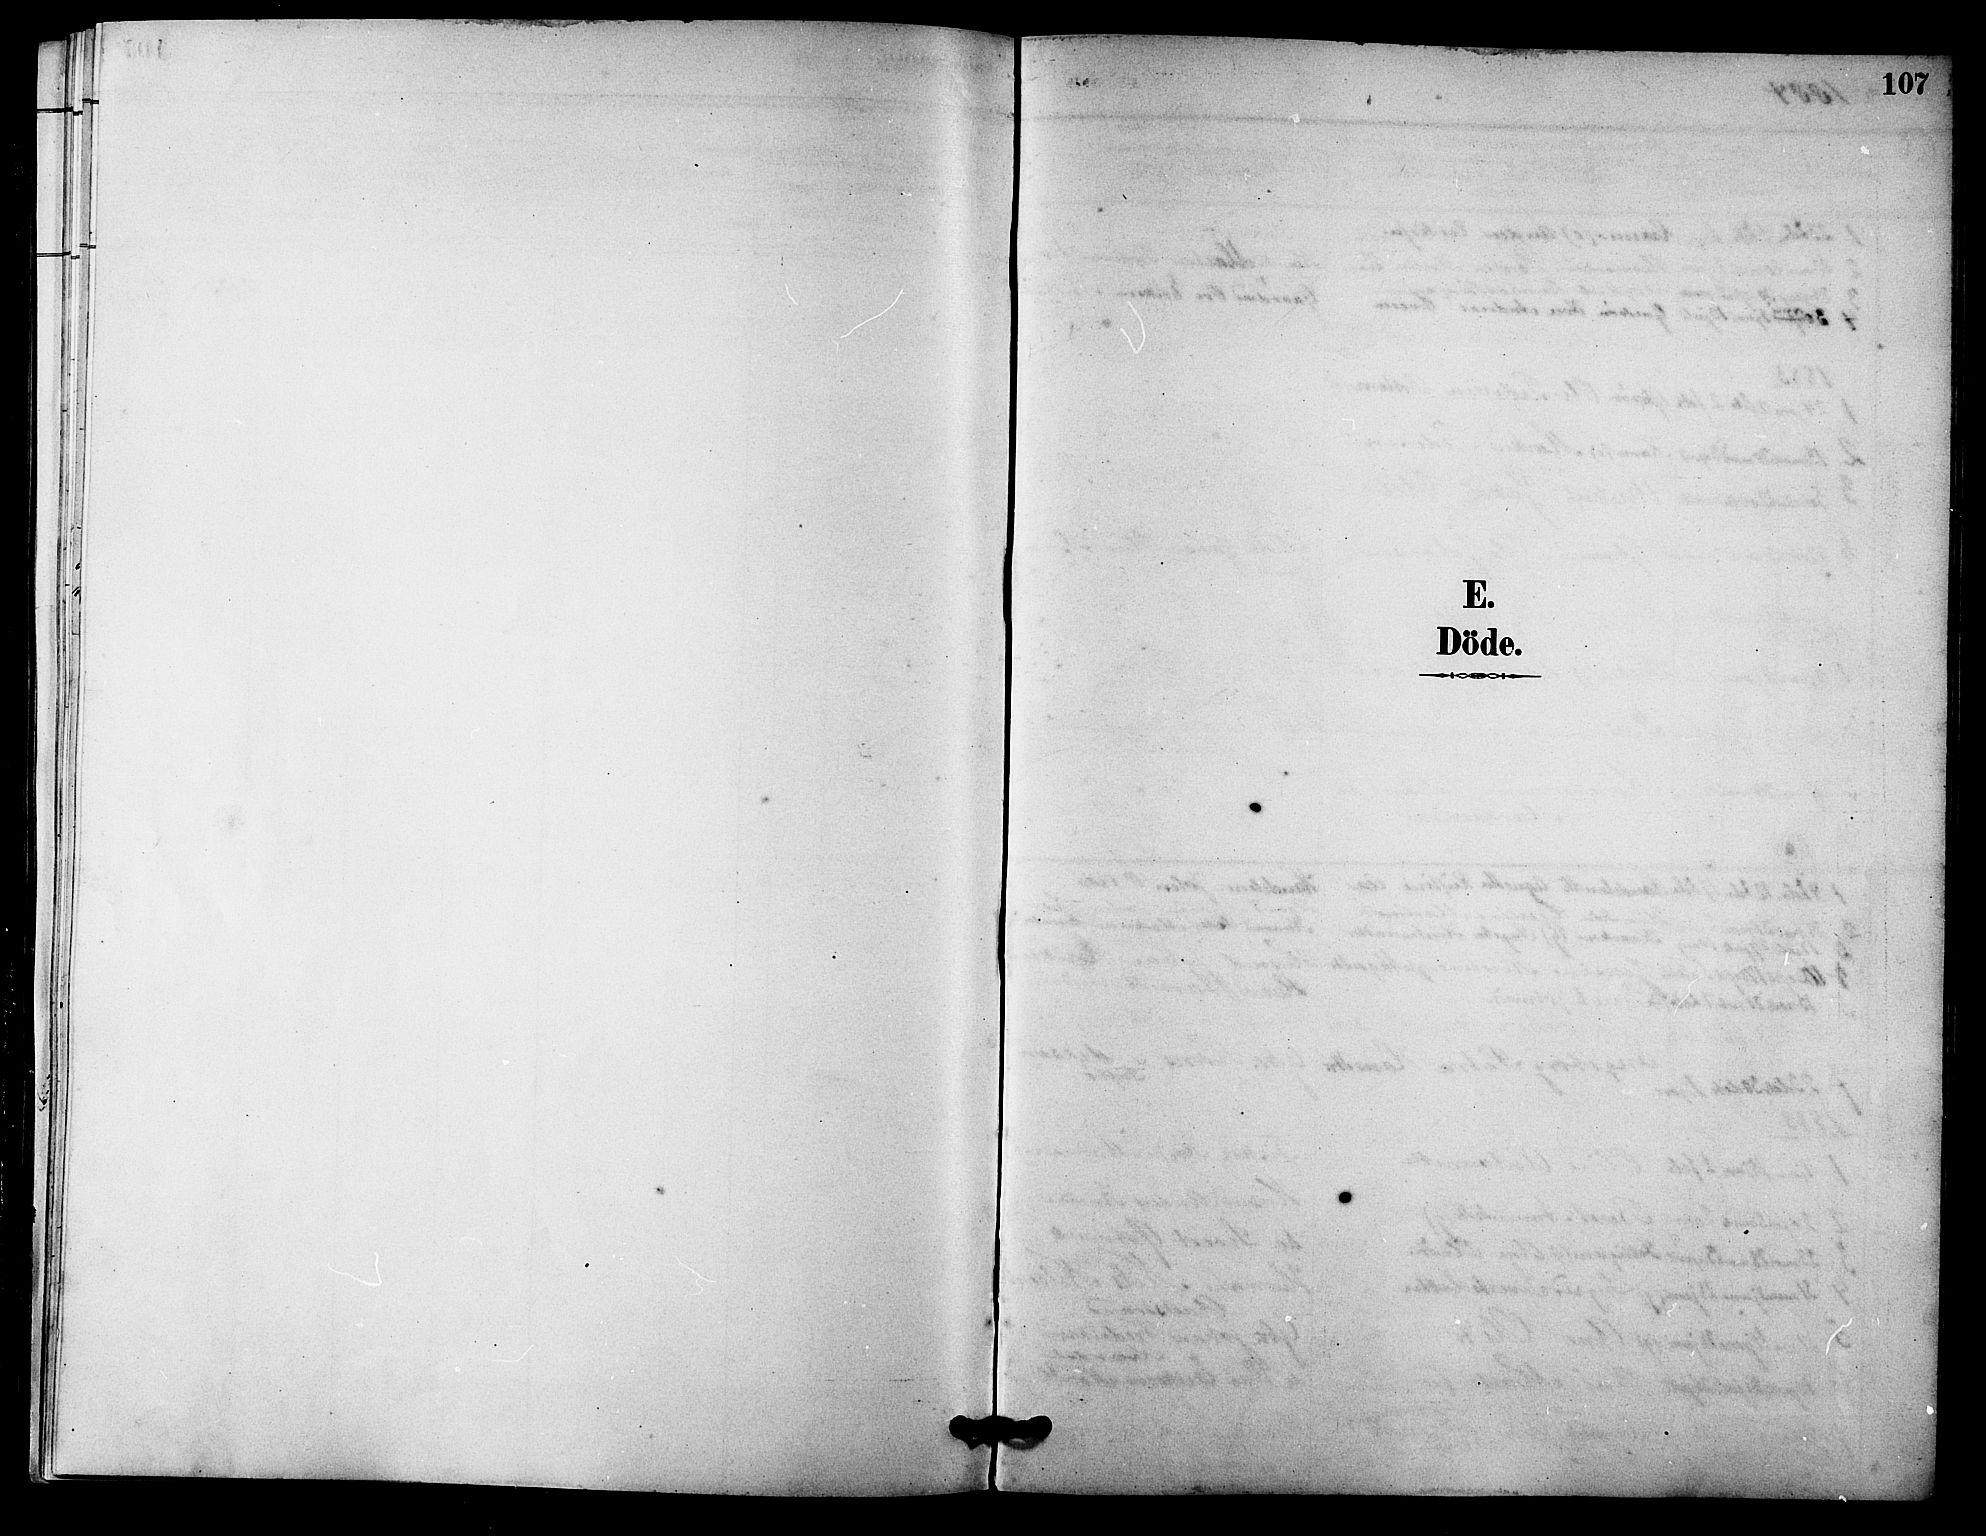 SAT, Ministerialprotokoller, klokkerbøker og fødselsregistre - Sør-Trøndelag, 633/L0519: Klokkerbok nr. 633C01, 1884-1905, s. 107